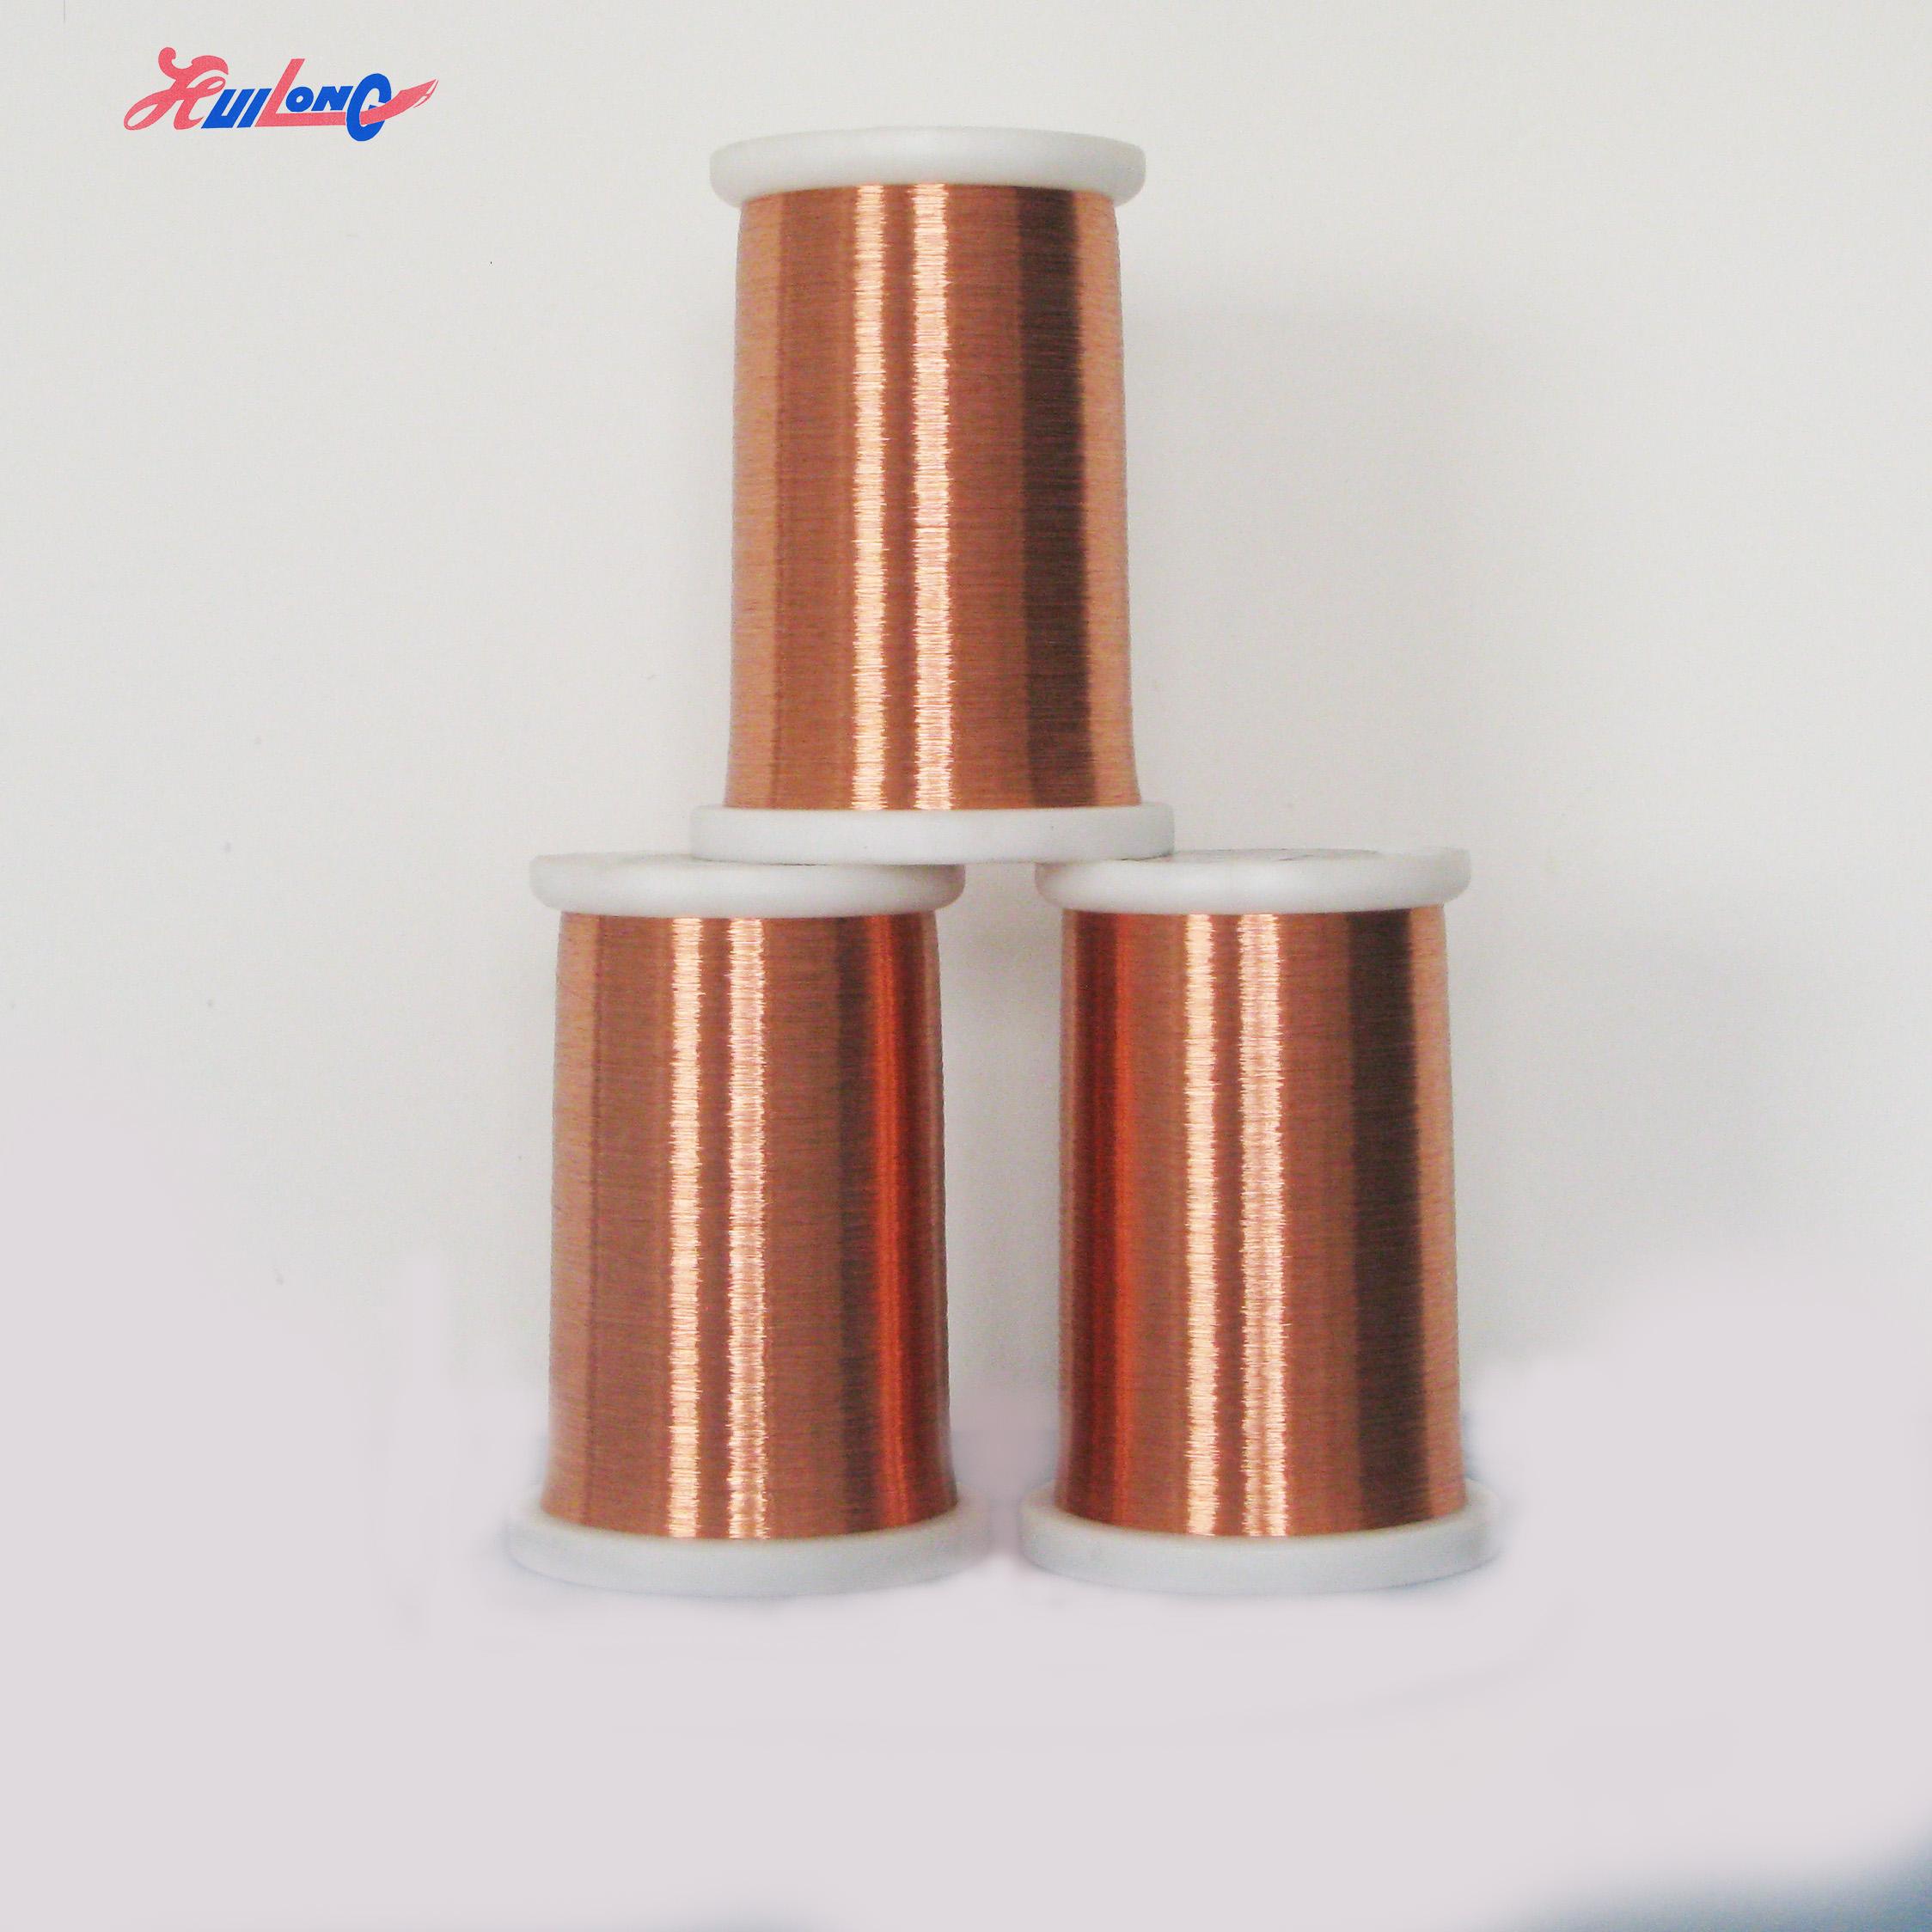 18SWG émaillé fil de cuivre 500 g